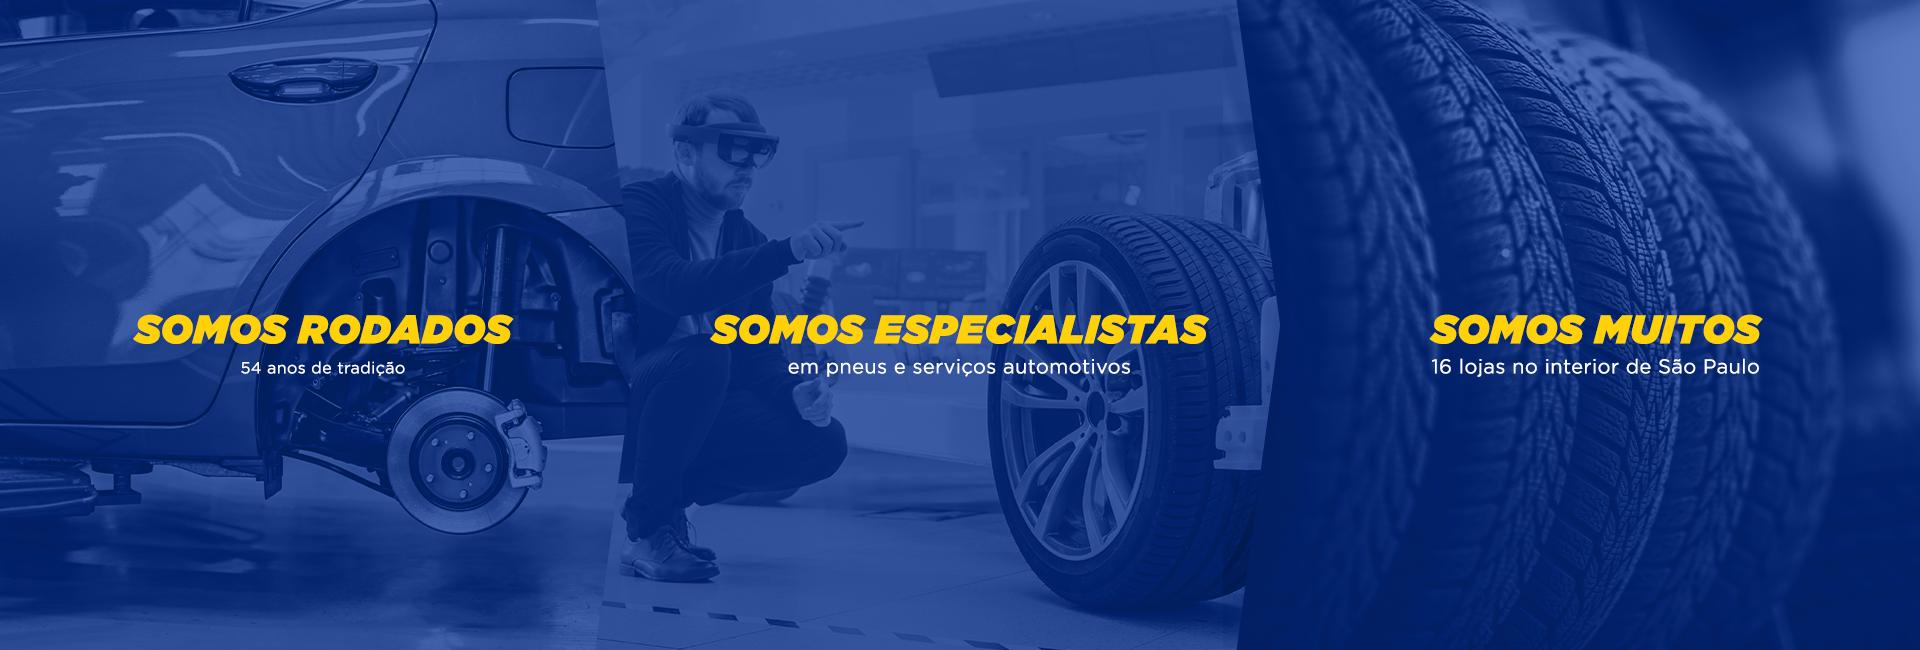 Para você rodar com mais tranquilidade. Pneus, freios, suspensão, alinhamento, acessórios e revisões preventivas são nossas especialidades.